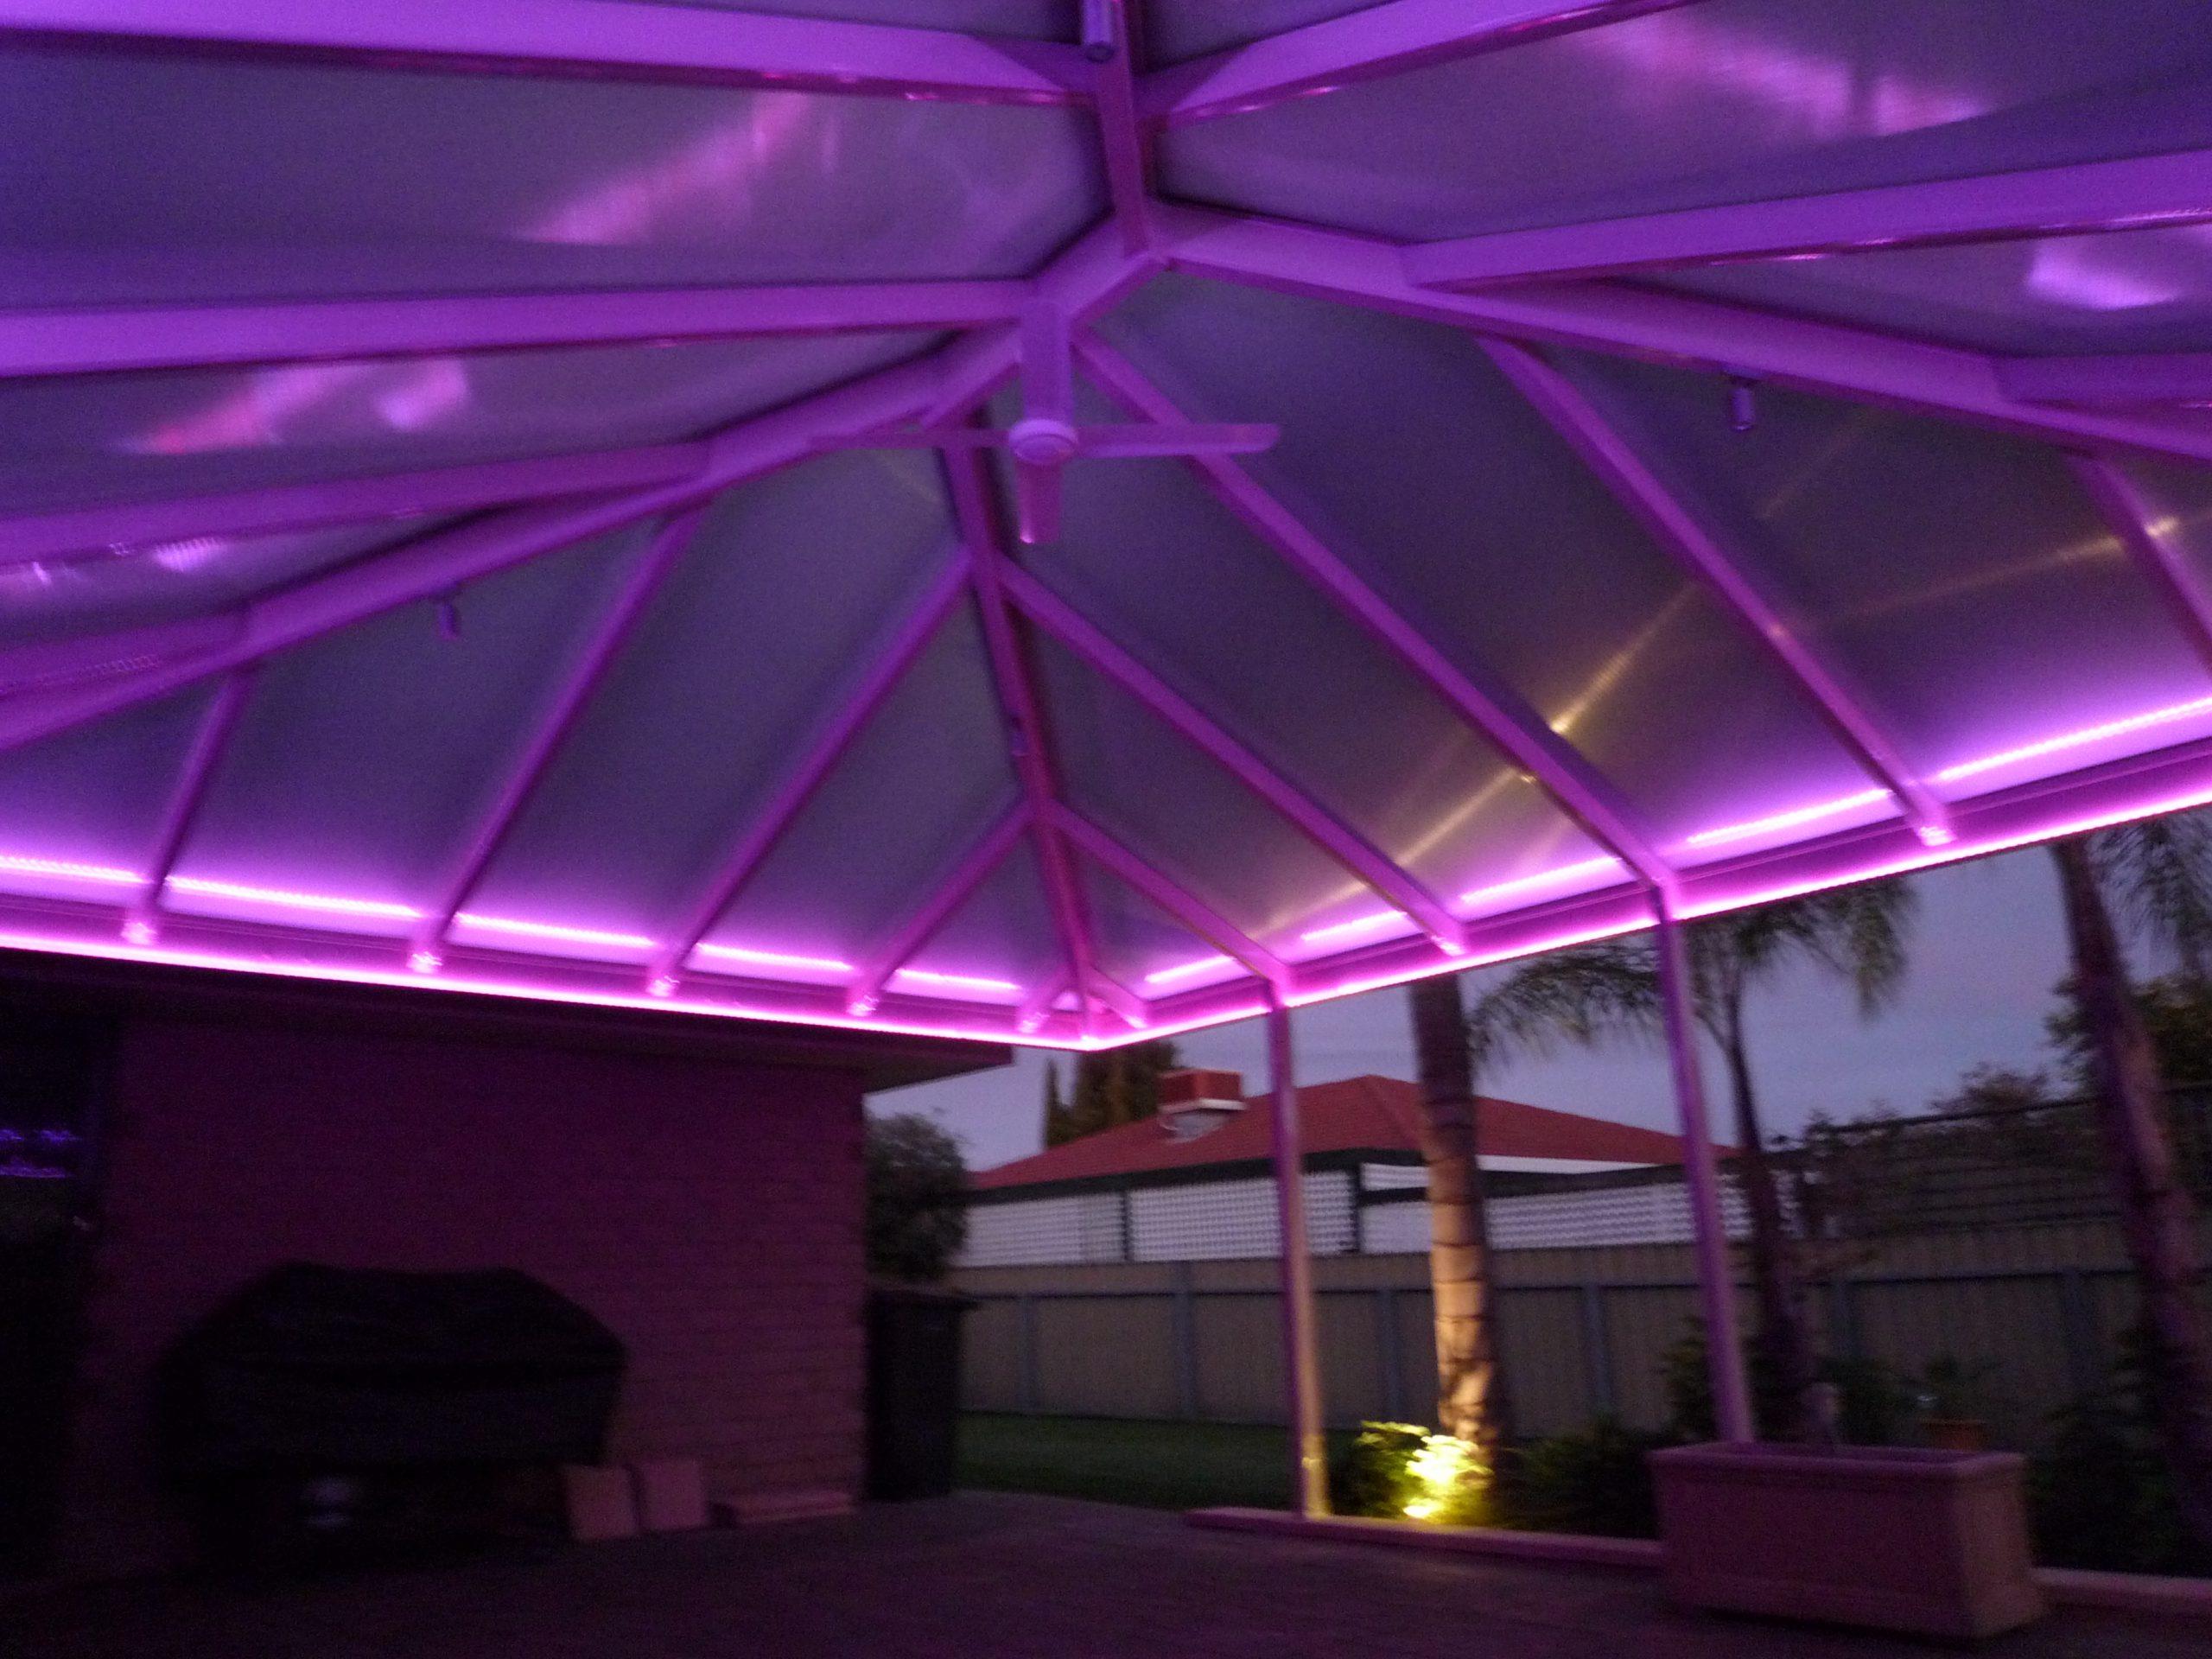 13-LED-Effect-Lighting-scaled